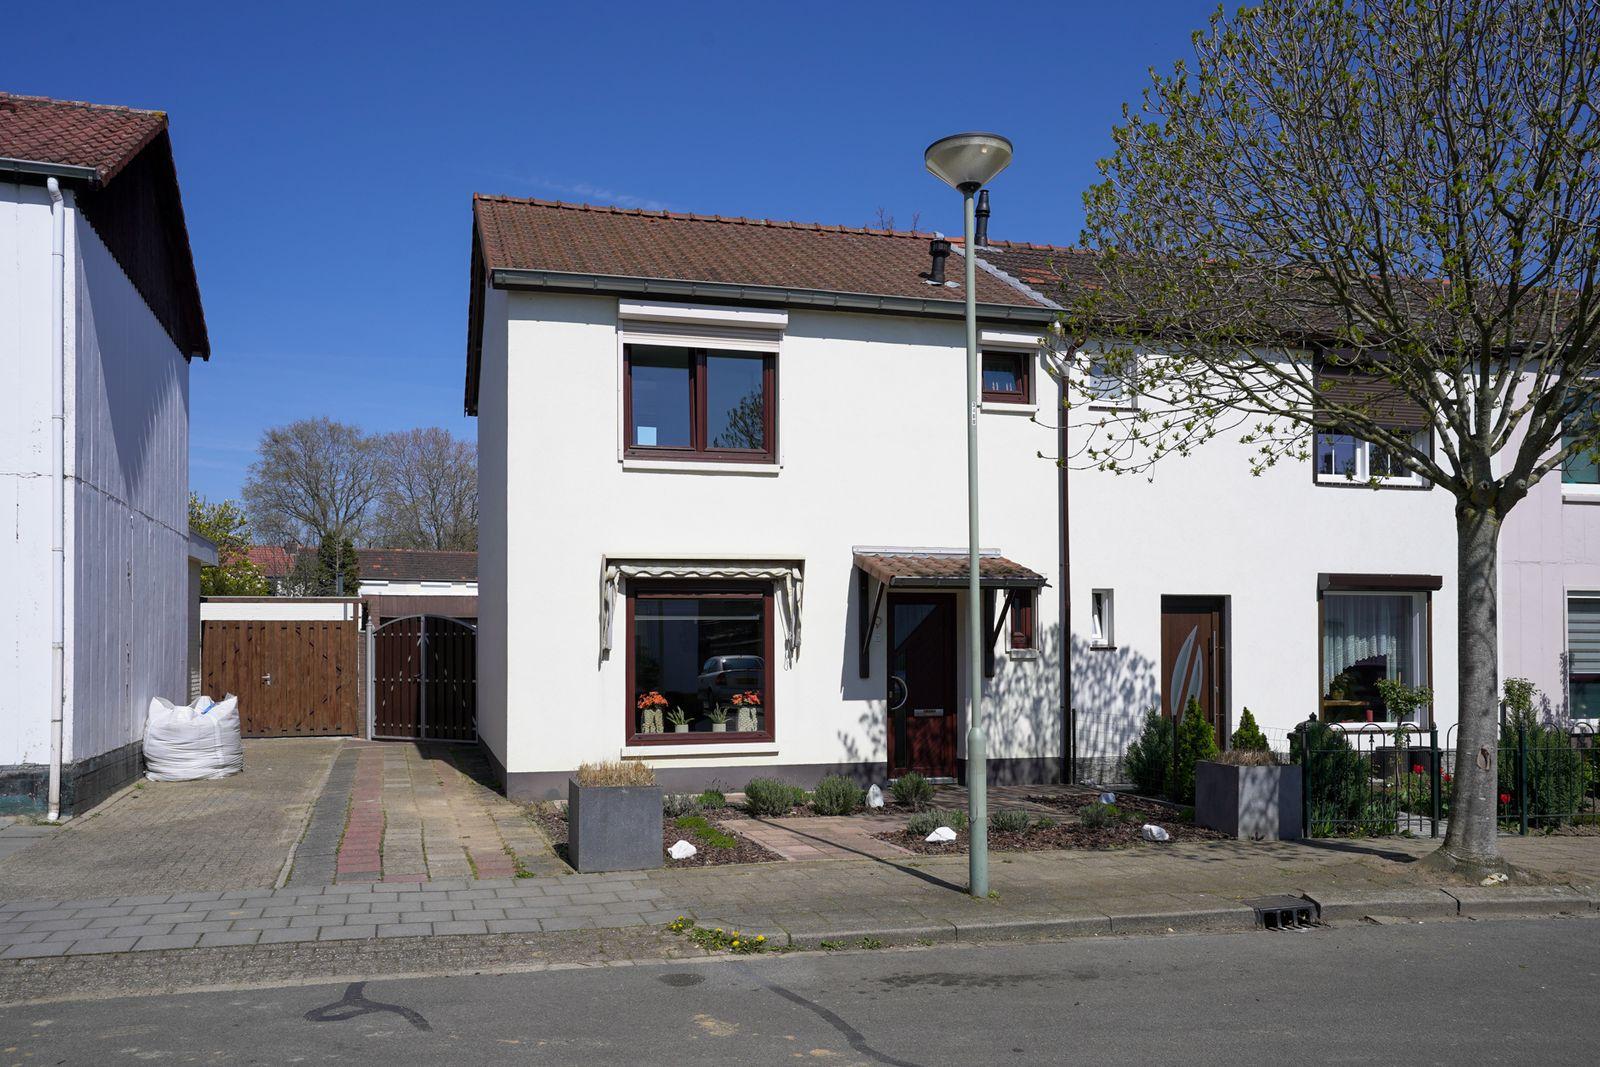 Dr. Ariensstraat 9, Geleen